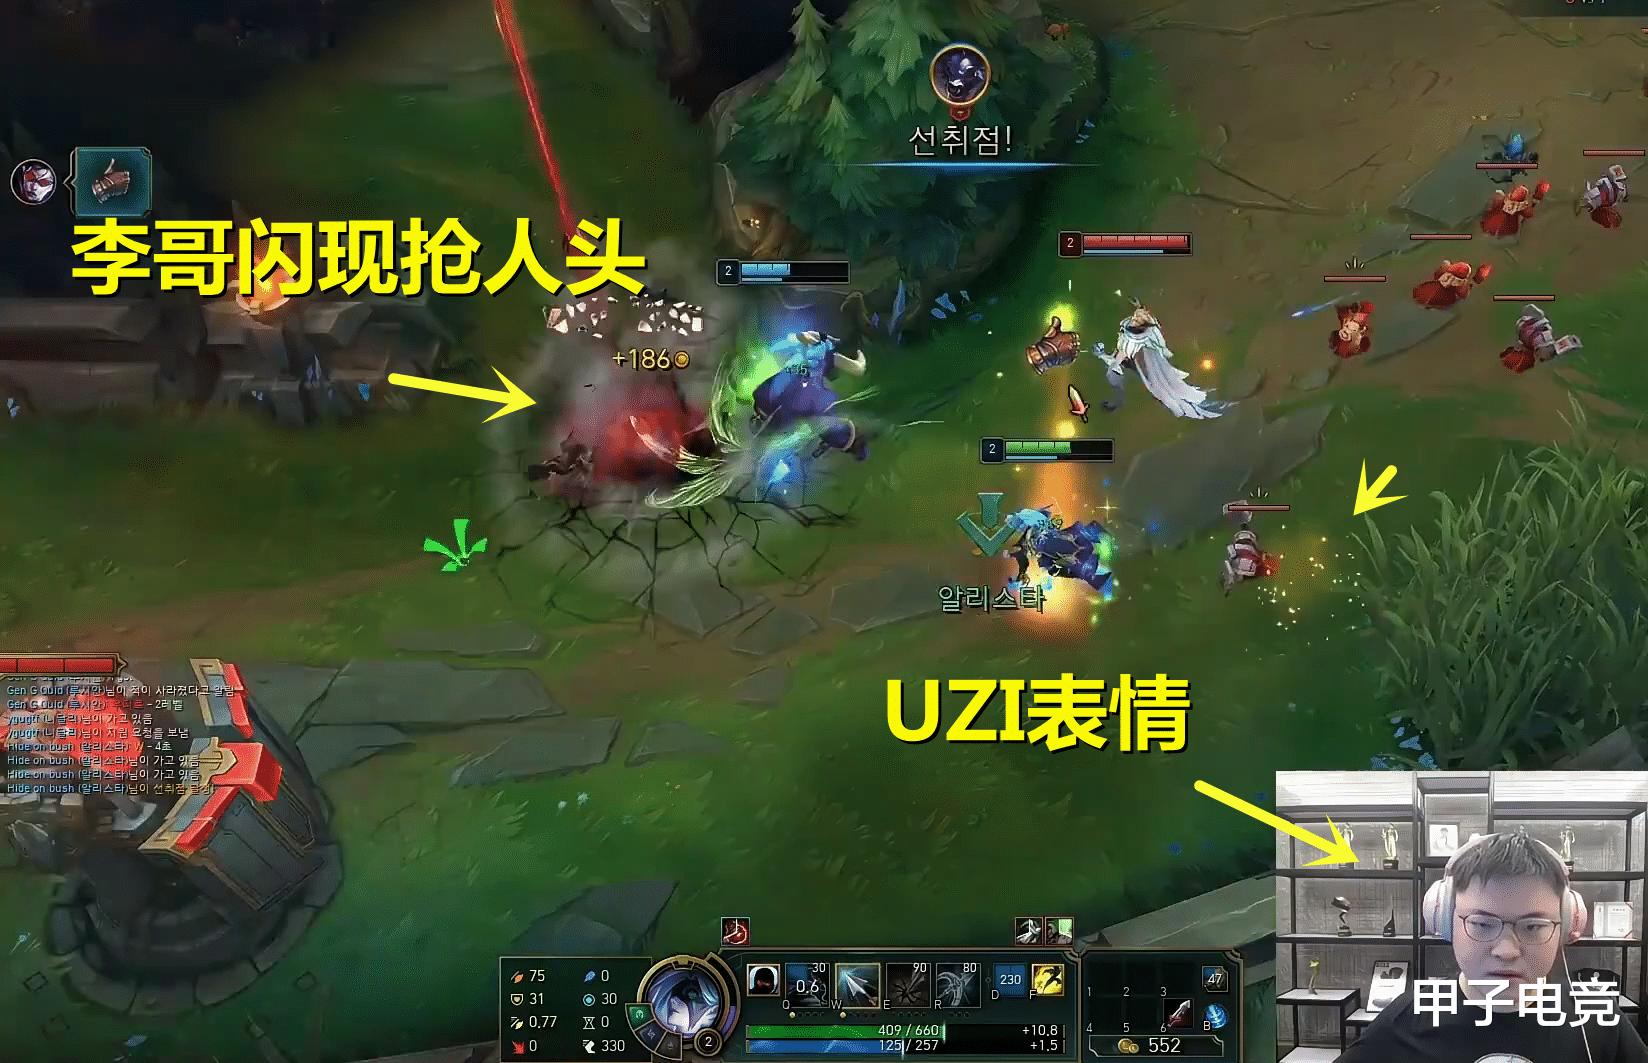 LOL两大神选手韩服相遇,UZI被李哥的牛头坑了,但是敢怒不 敢言